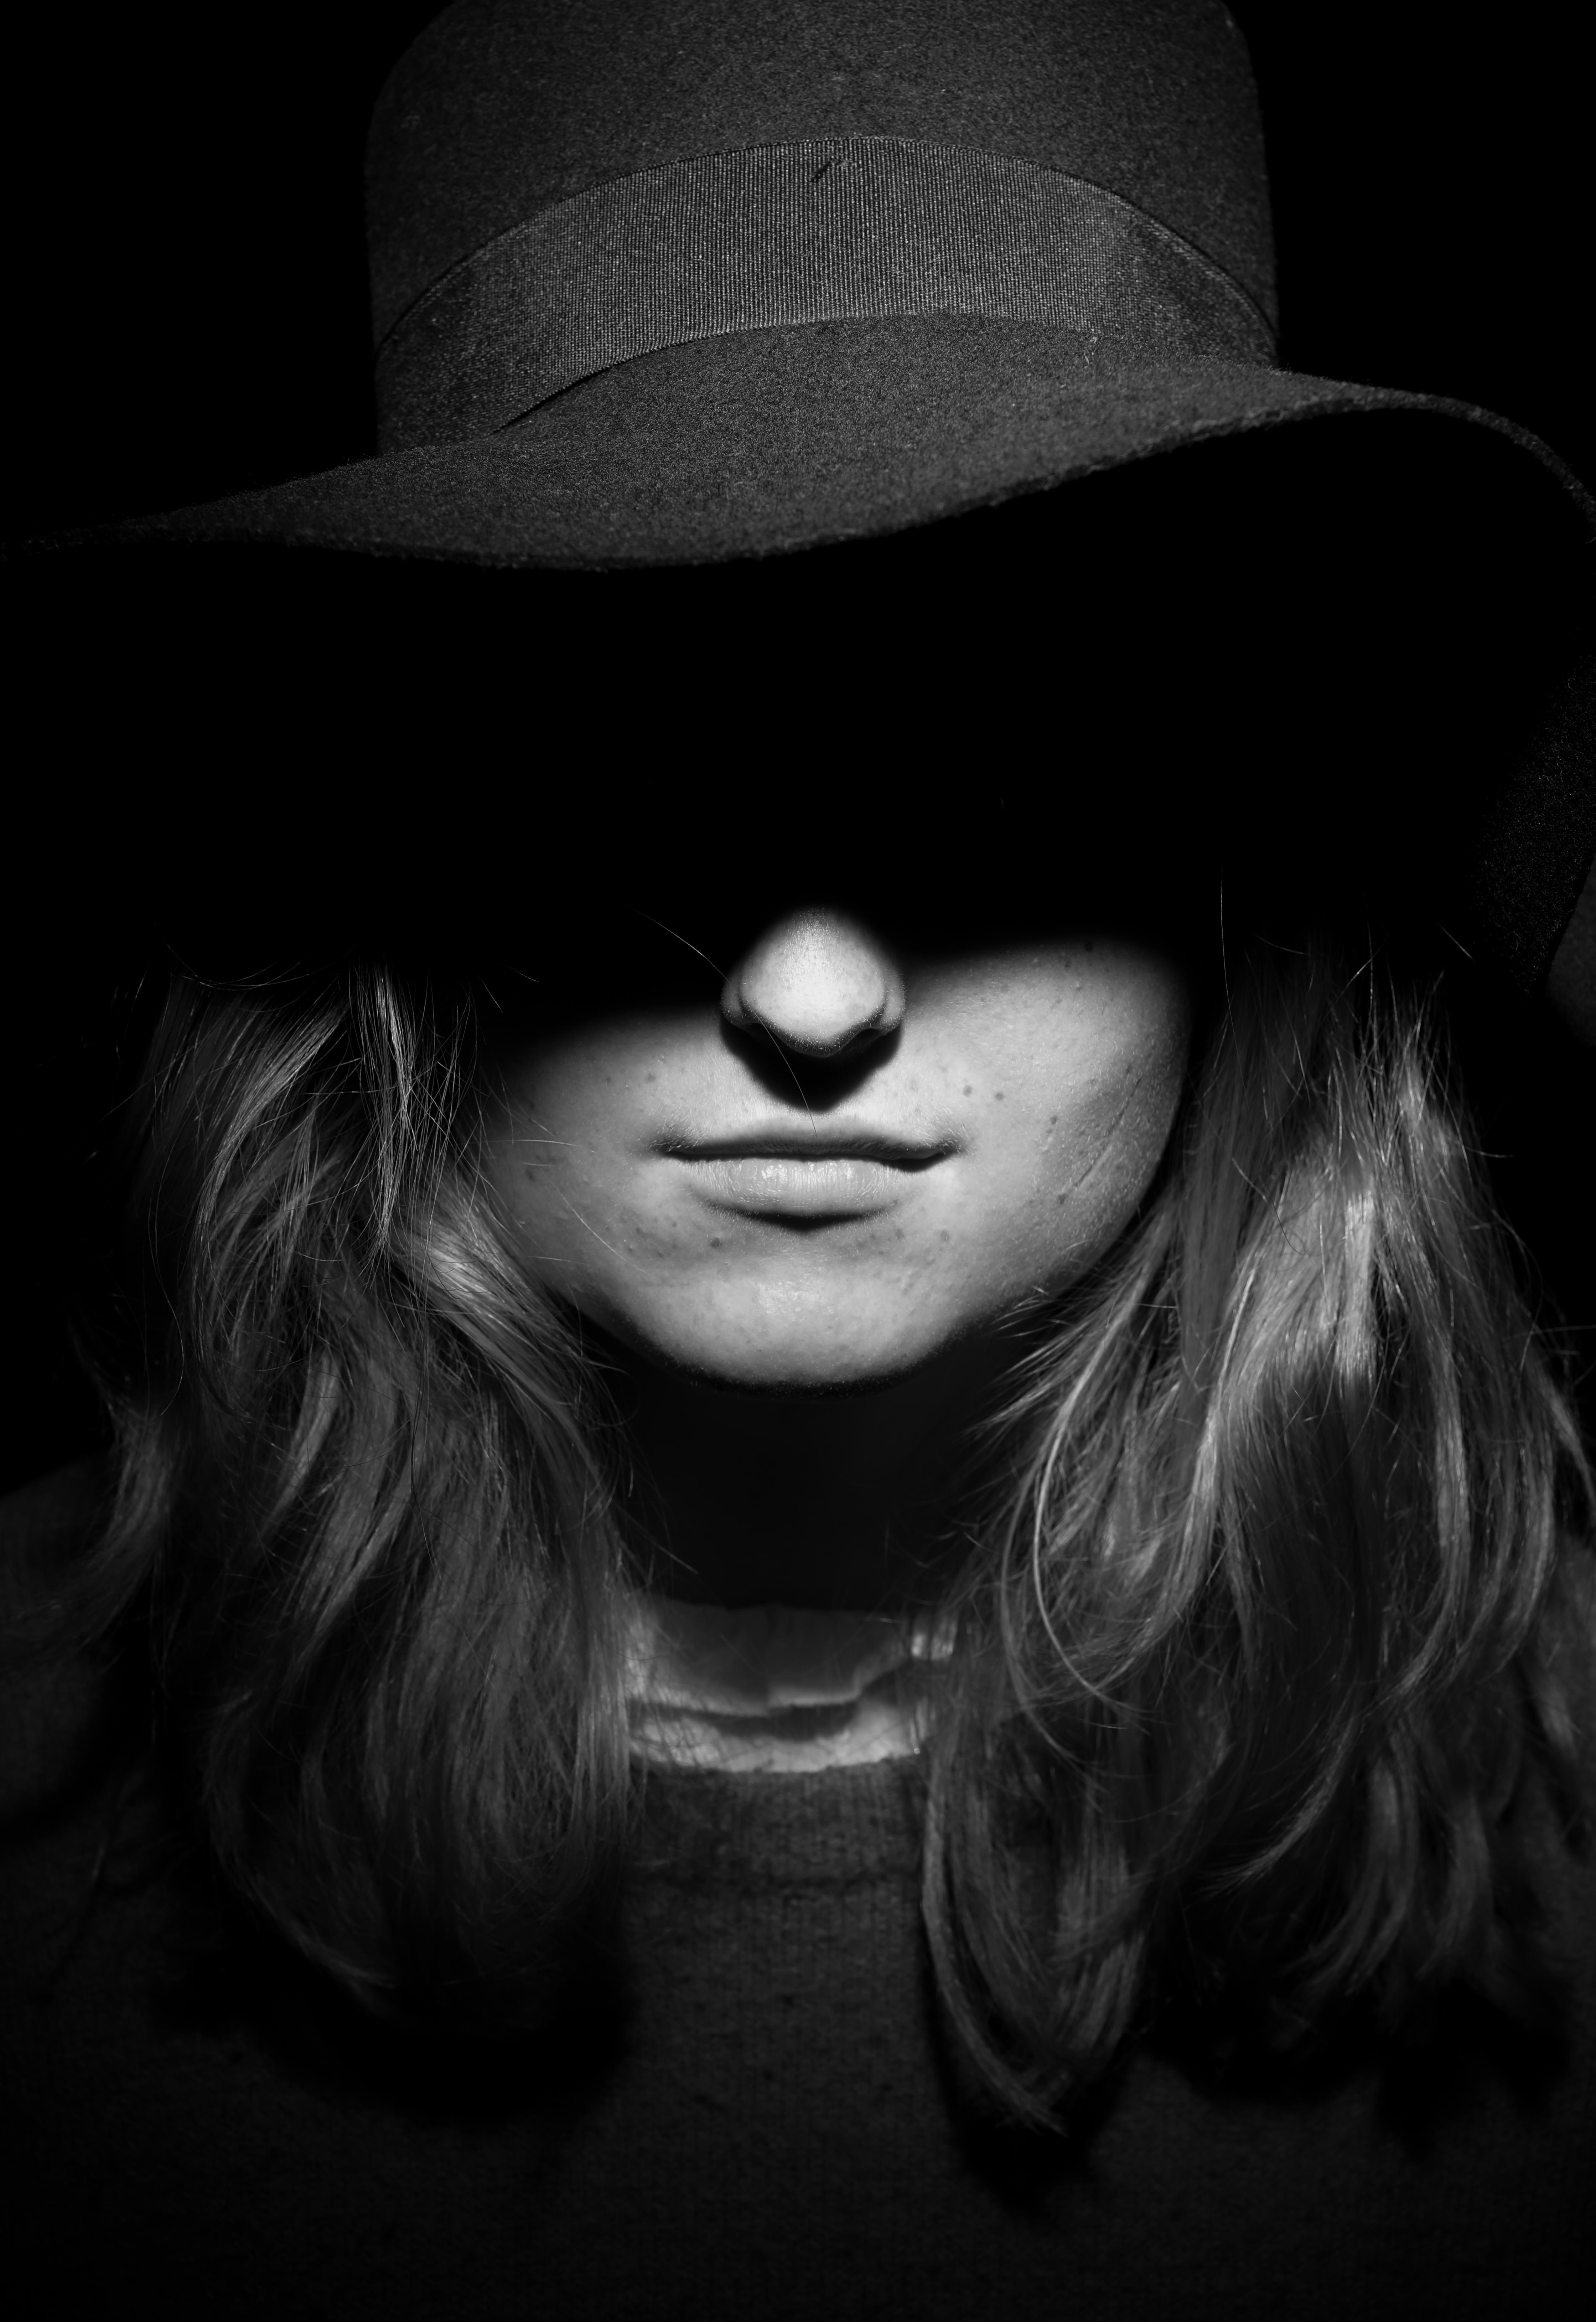 Studio portrait black and white